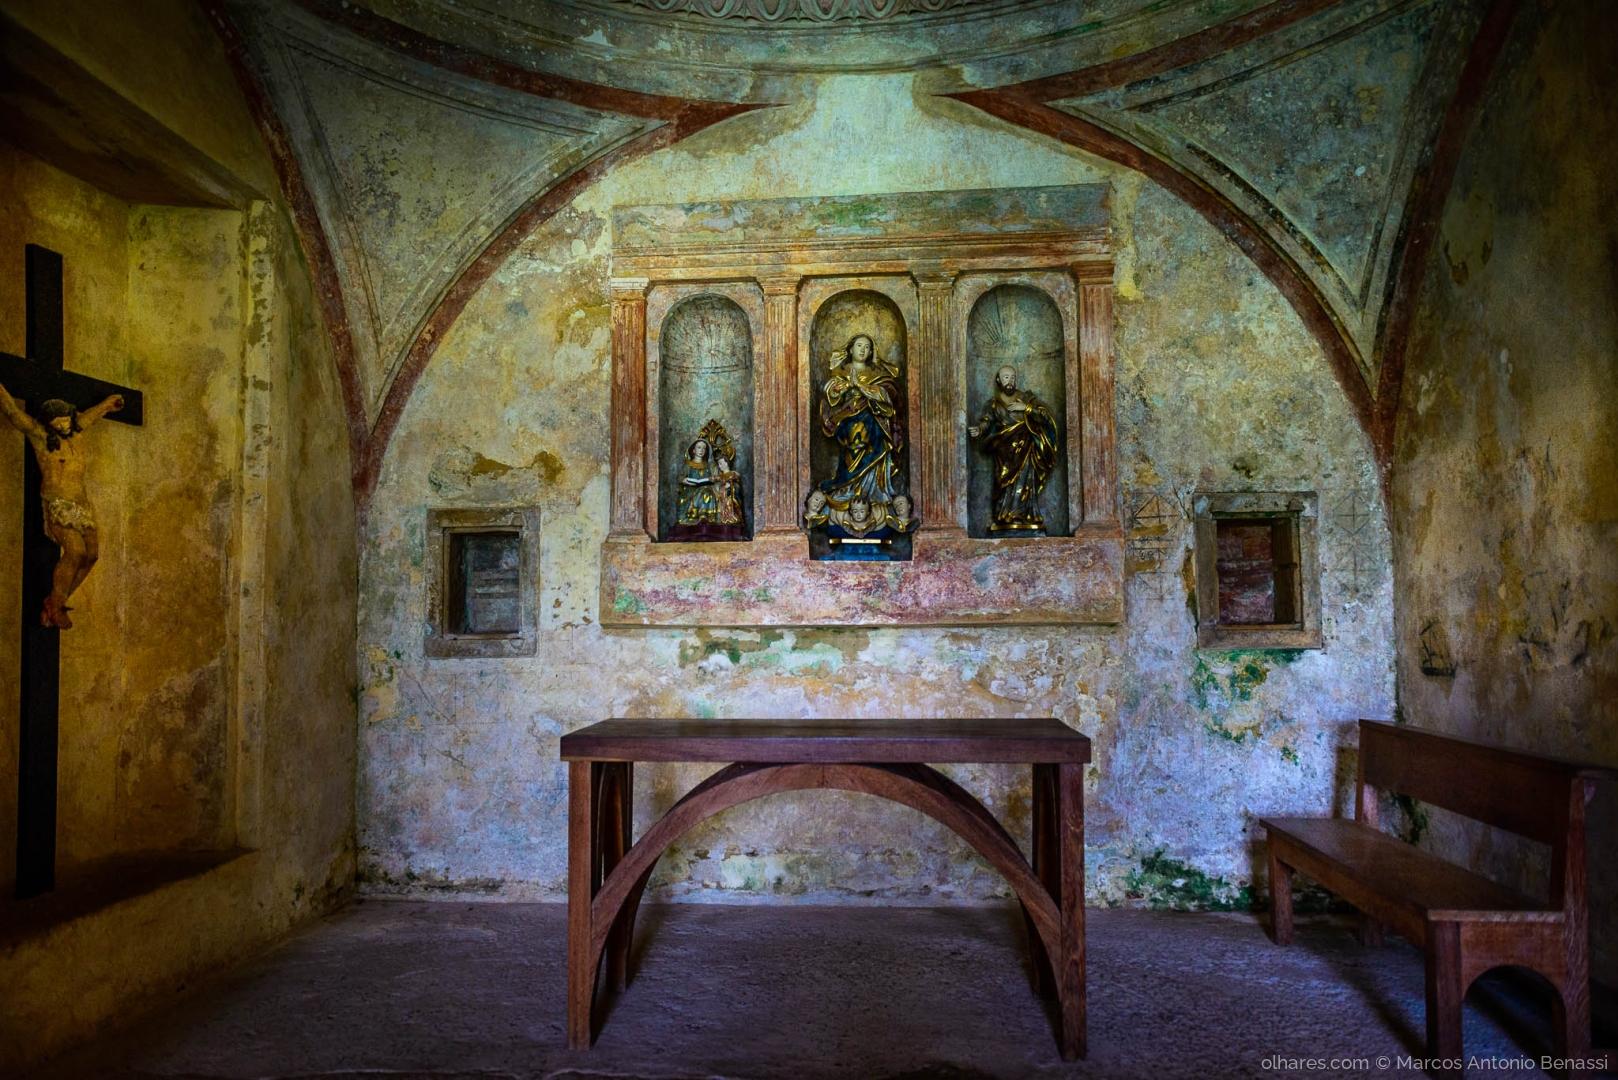 História/Capela das ruínas do Castelo Garcia D'Ávila